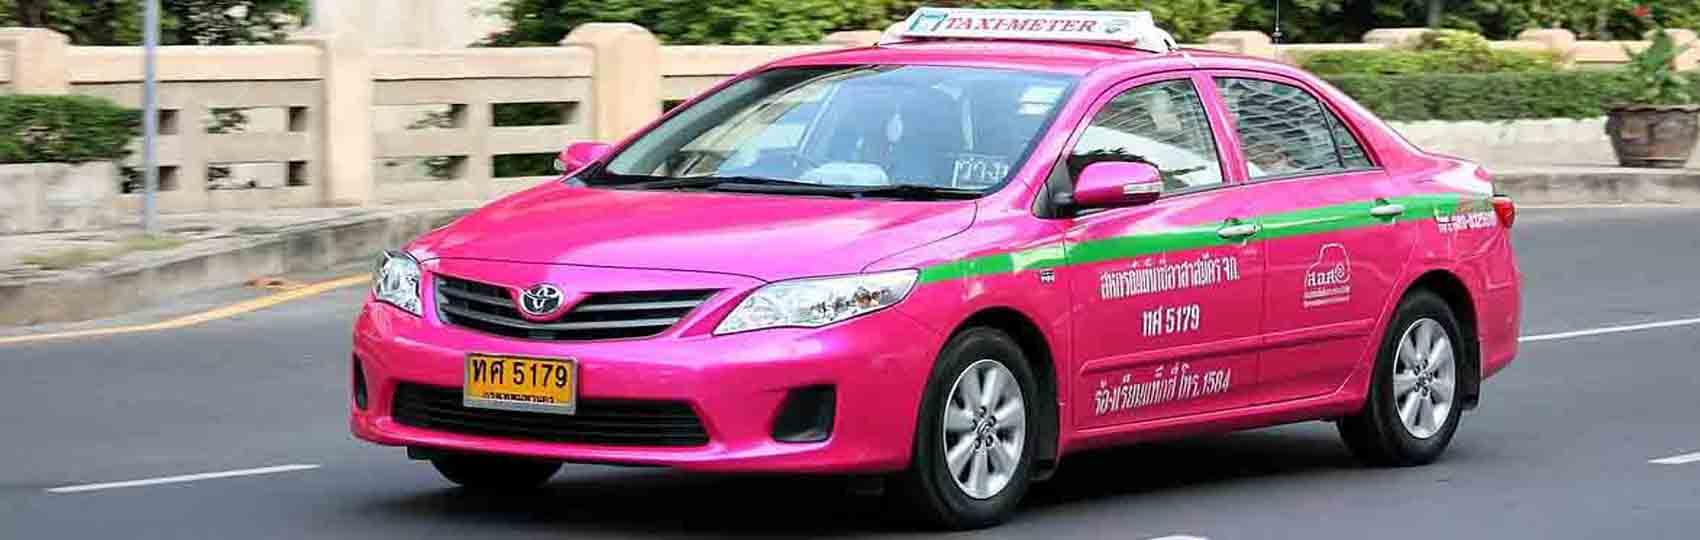 Noticias del sector del taxi y la movilidad en Tailandia. Mantente informado de todas las noticias del taxi de Tailandia en el grupo de Facebook de Todo Taxi.